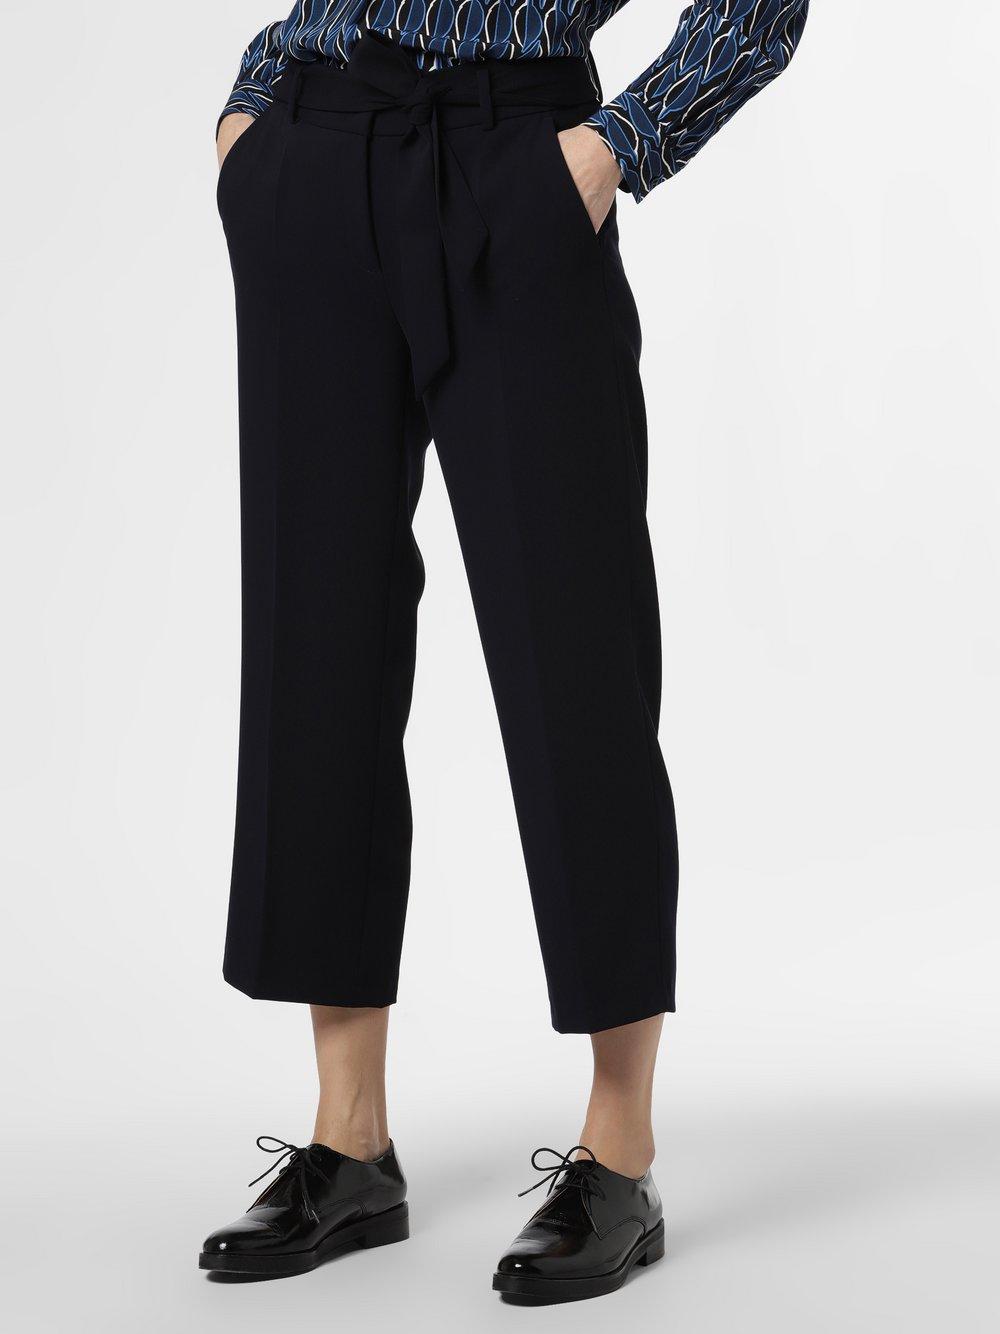 Cambio - Spodnie damskie – Claire, niebieski